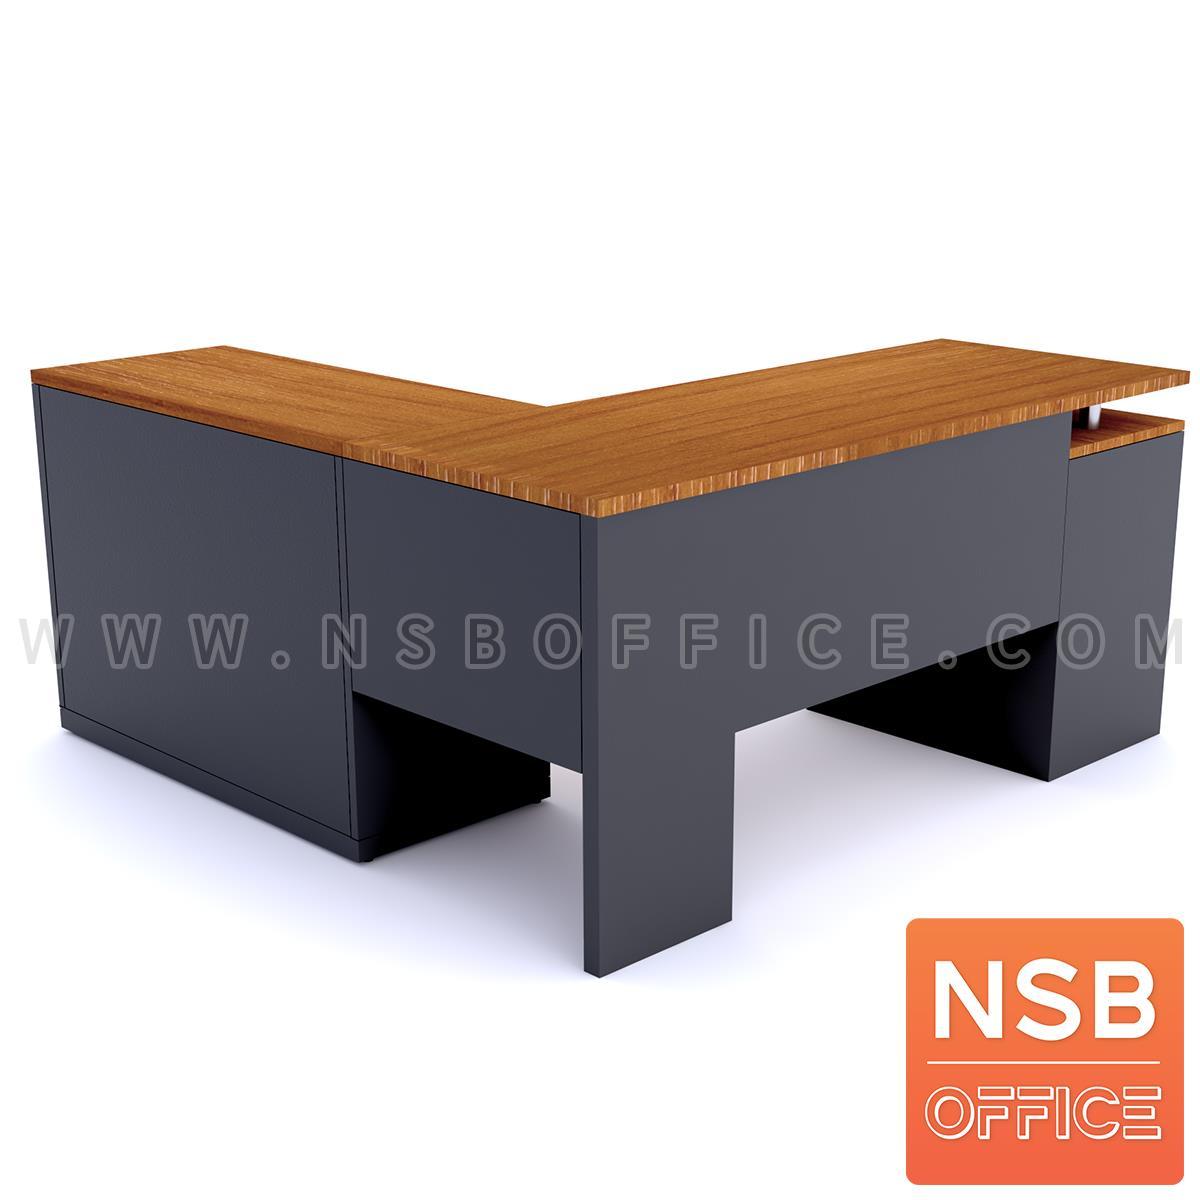 โต๊ะทำงานตัวแอล 3 ลิ้นชัก  รุ่น MO-OO ขนาด 160W cm. พร้อมตู้ข้าง